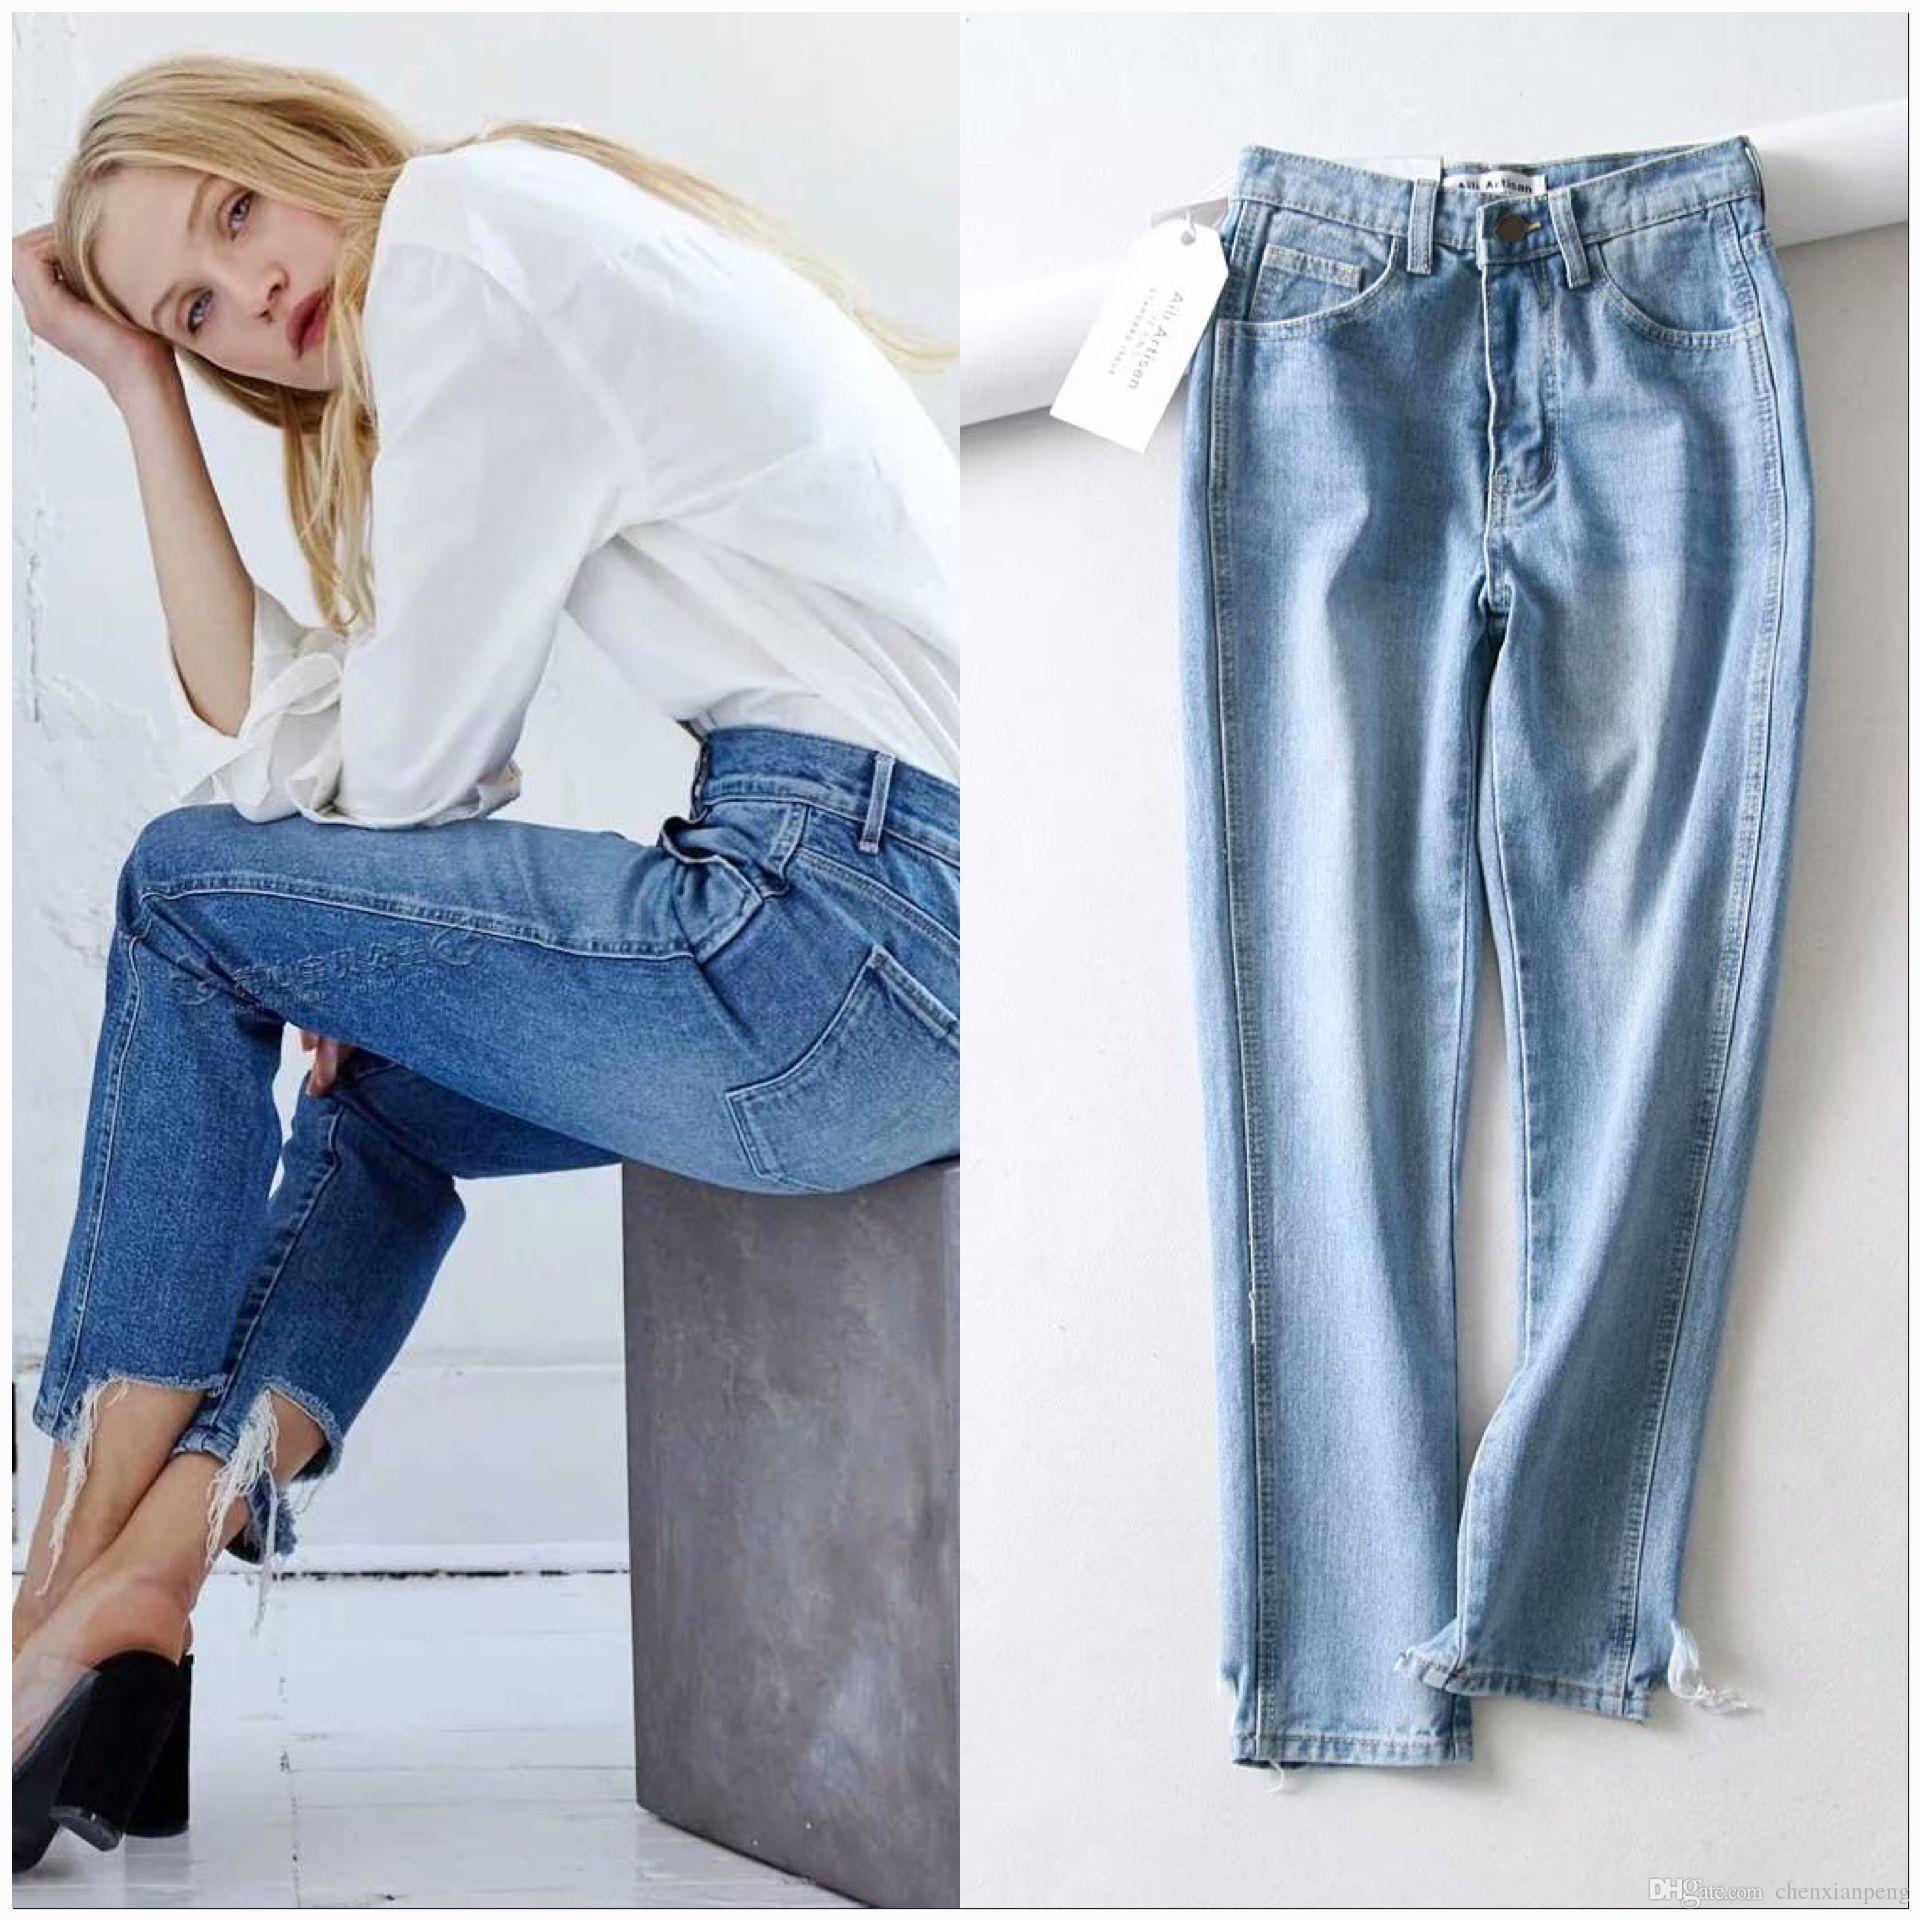 Acheter 2018 A La Mode Taille Elastique Dechiree Jeans Femmes Femme